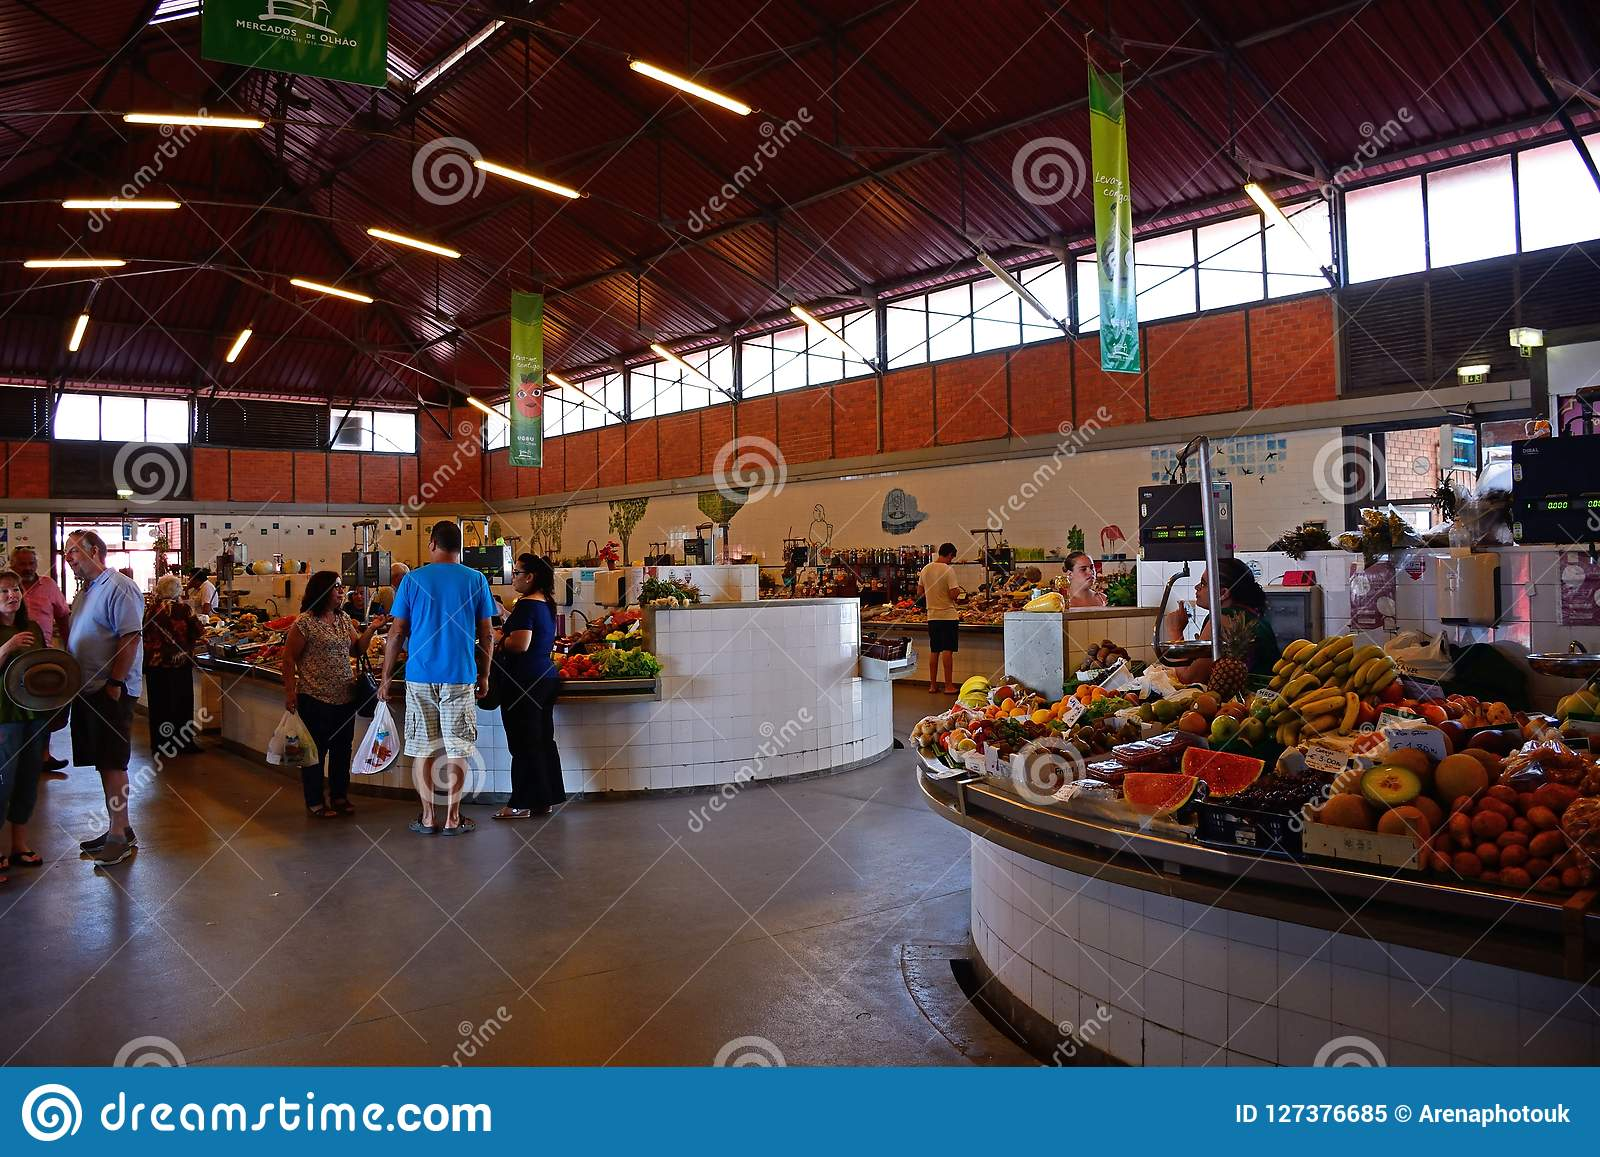 Indoor food market, Olhao.